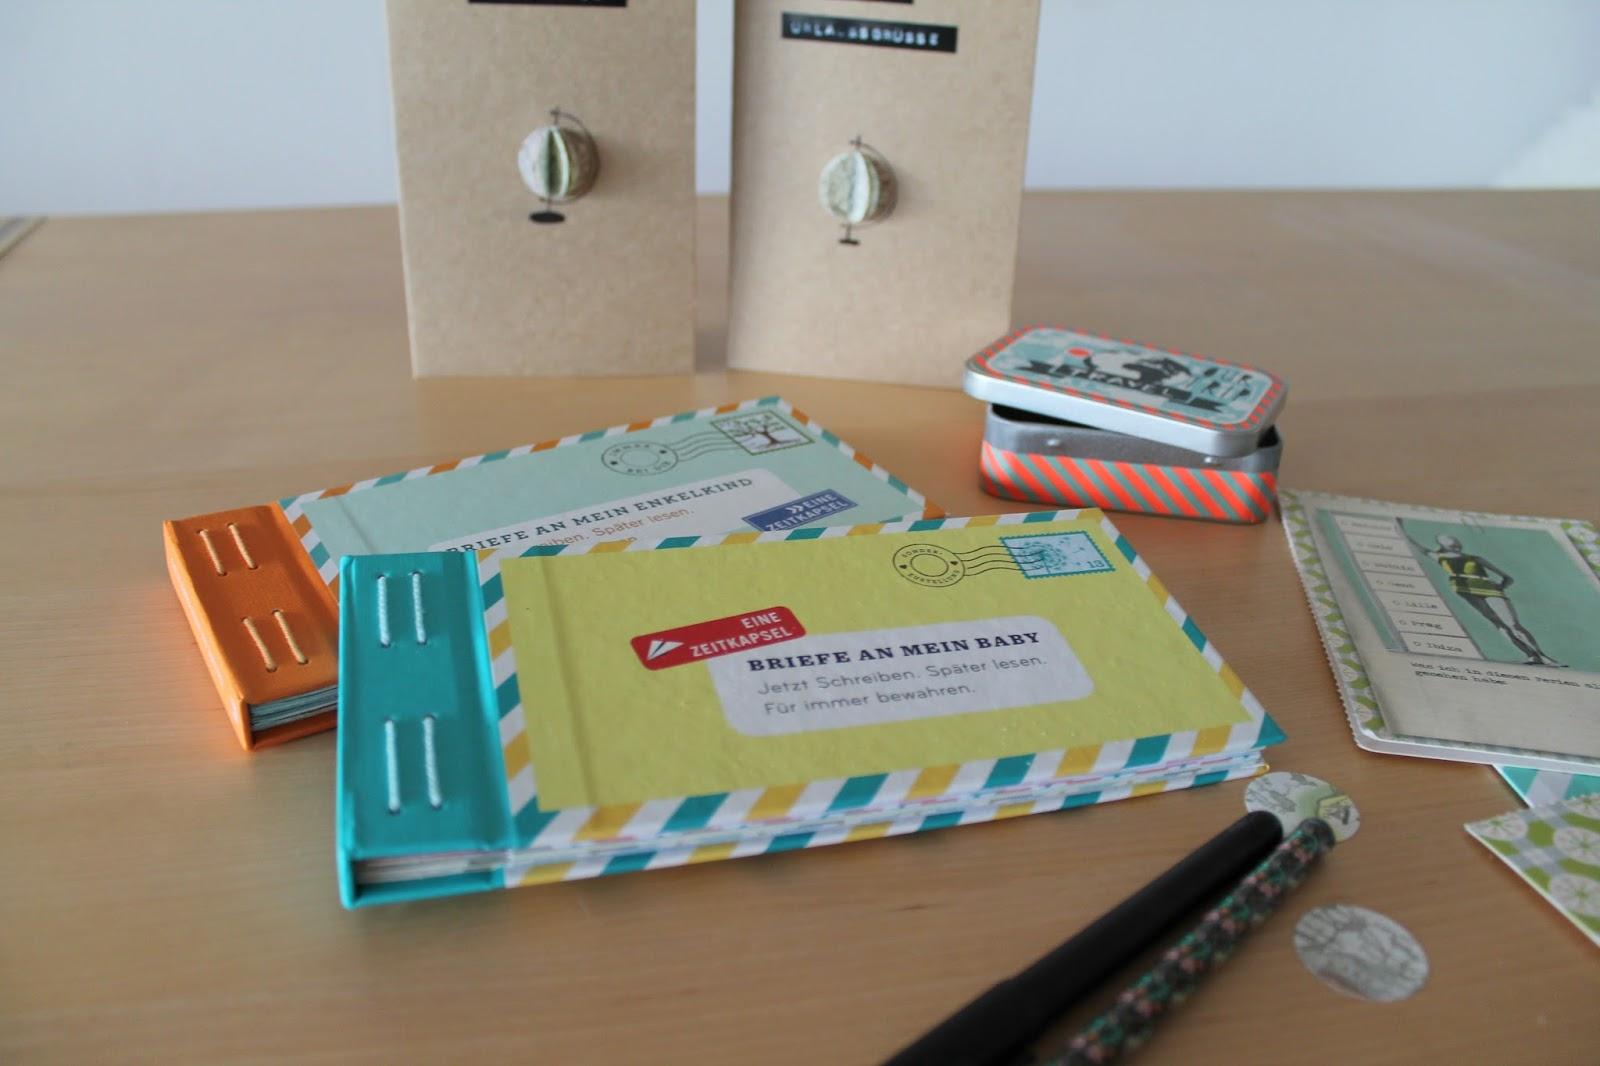 Briefe An Kleine Kinder : Kleines freudenhaus quot schreib mal wieder schöne